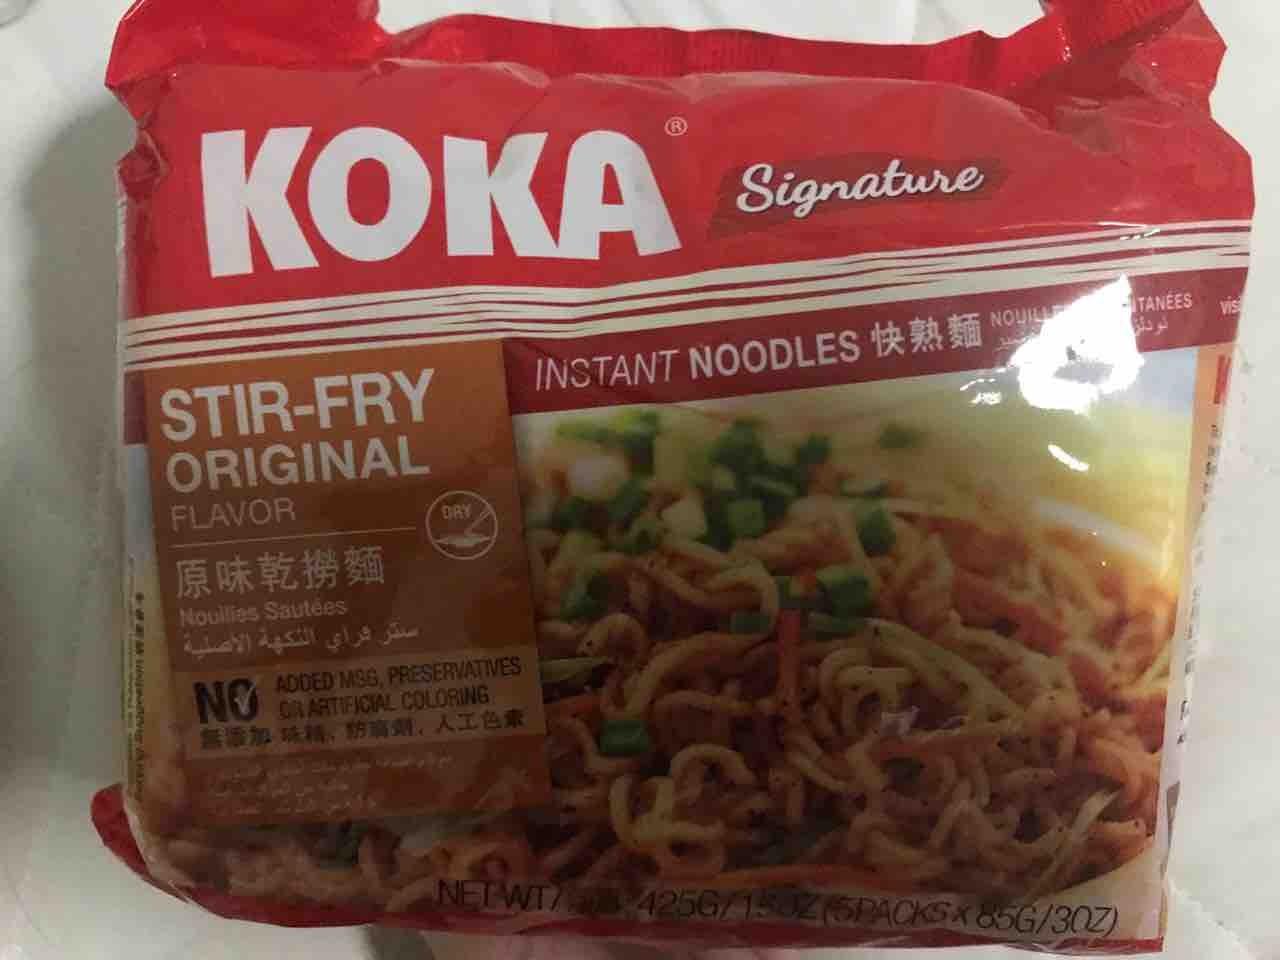 Koka stir fry noodles